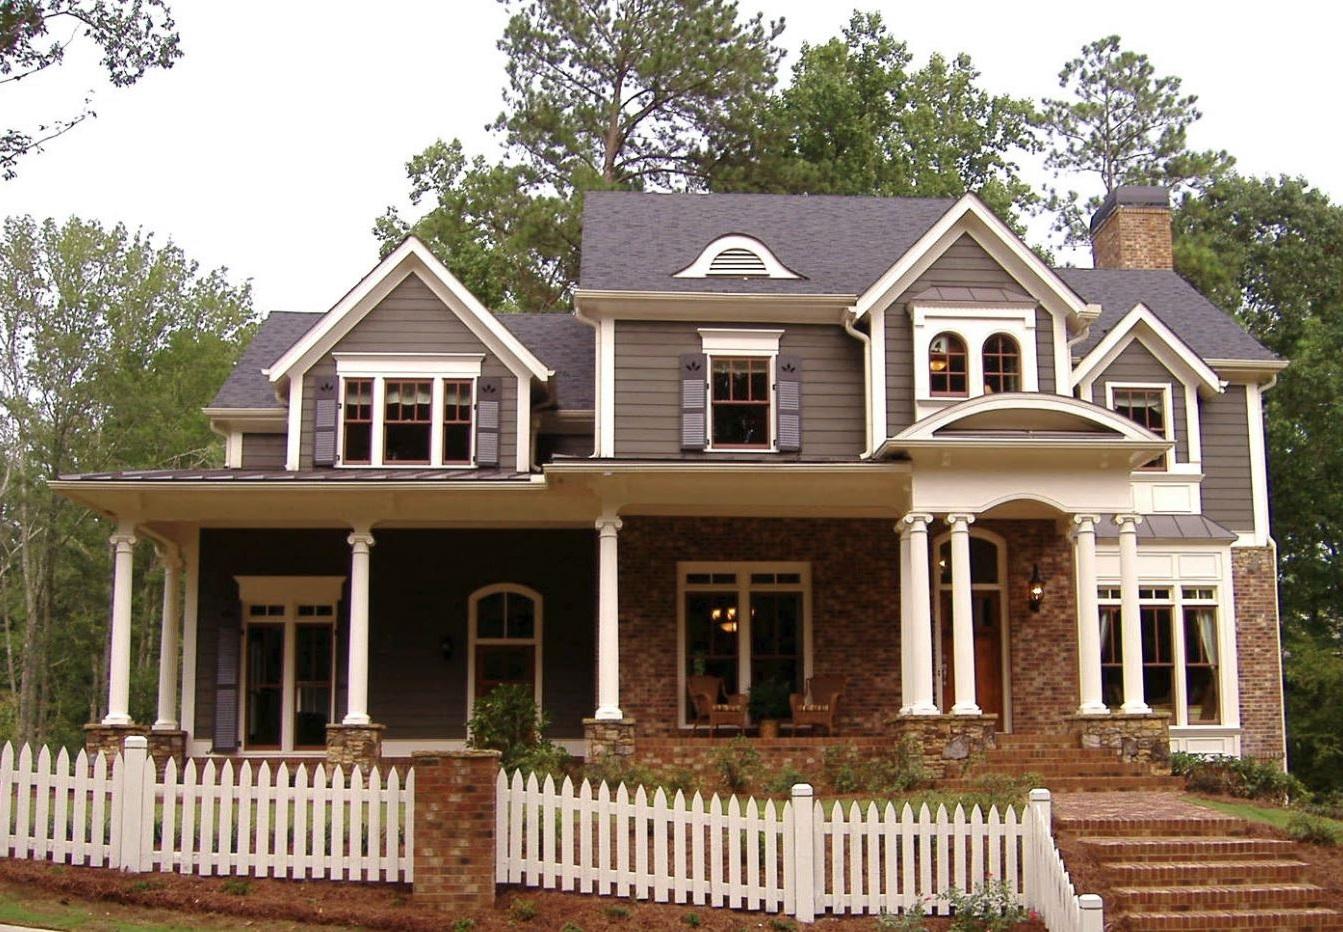 Reforma de casa duda para pintura exterior p gina 2 for Foro casas de madera